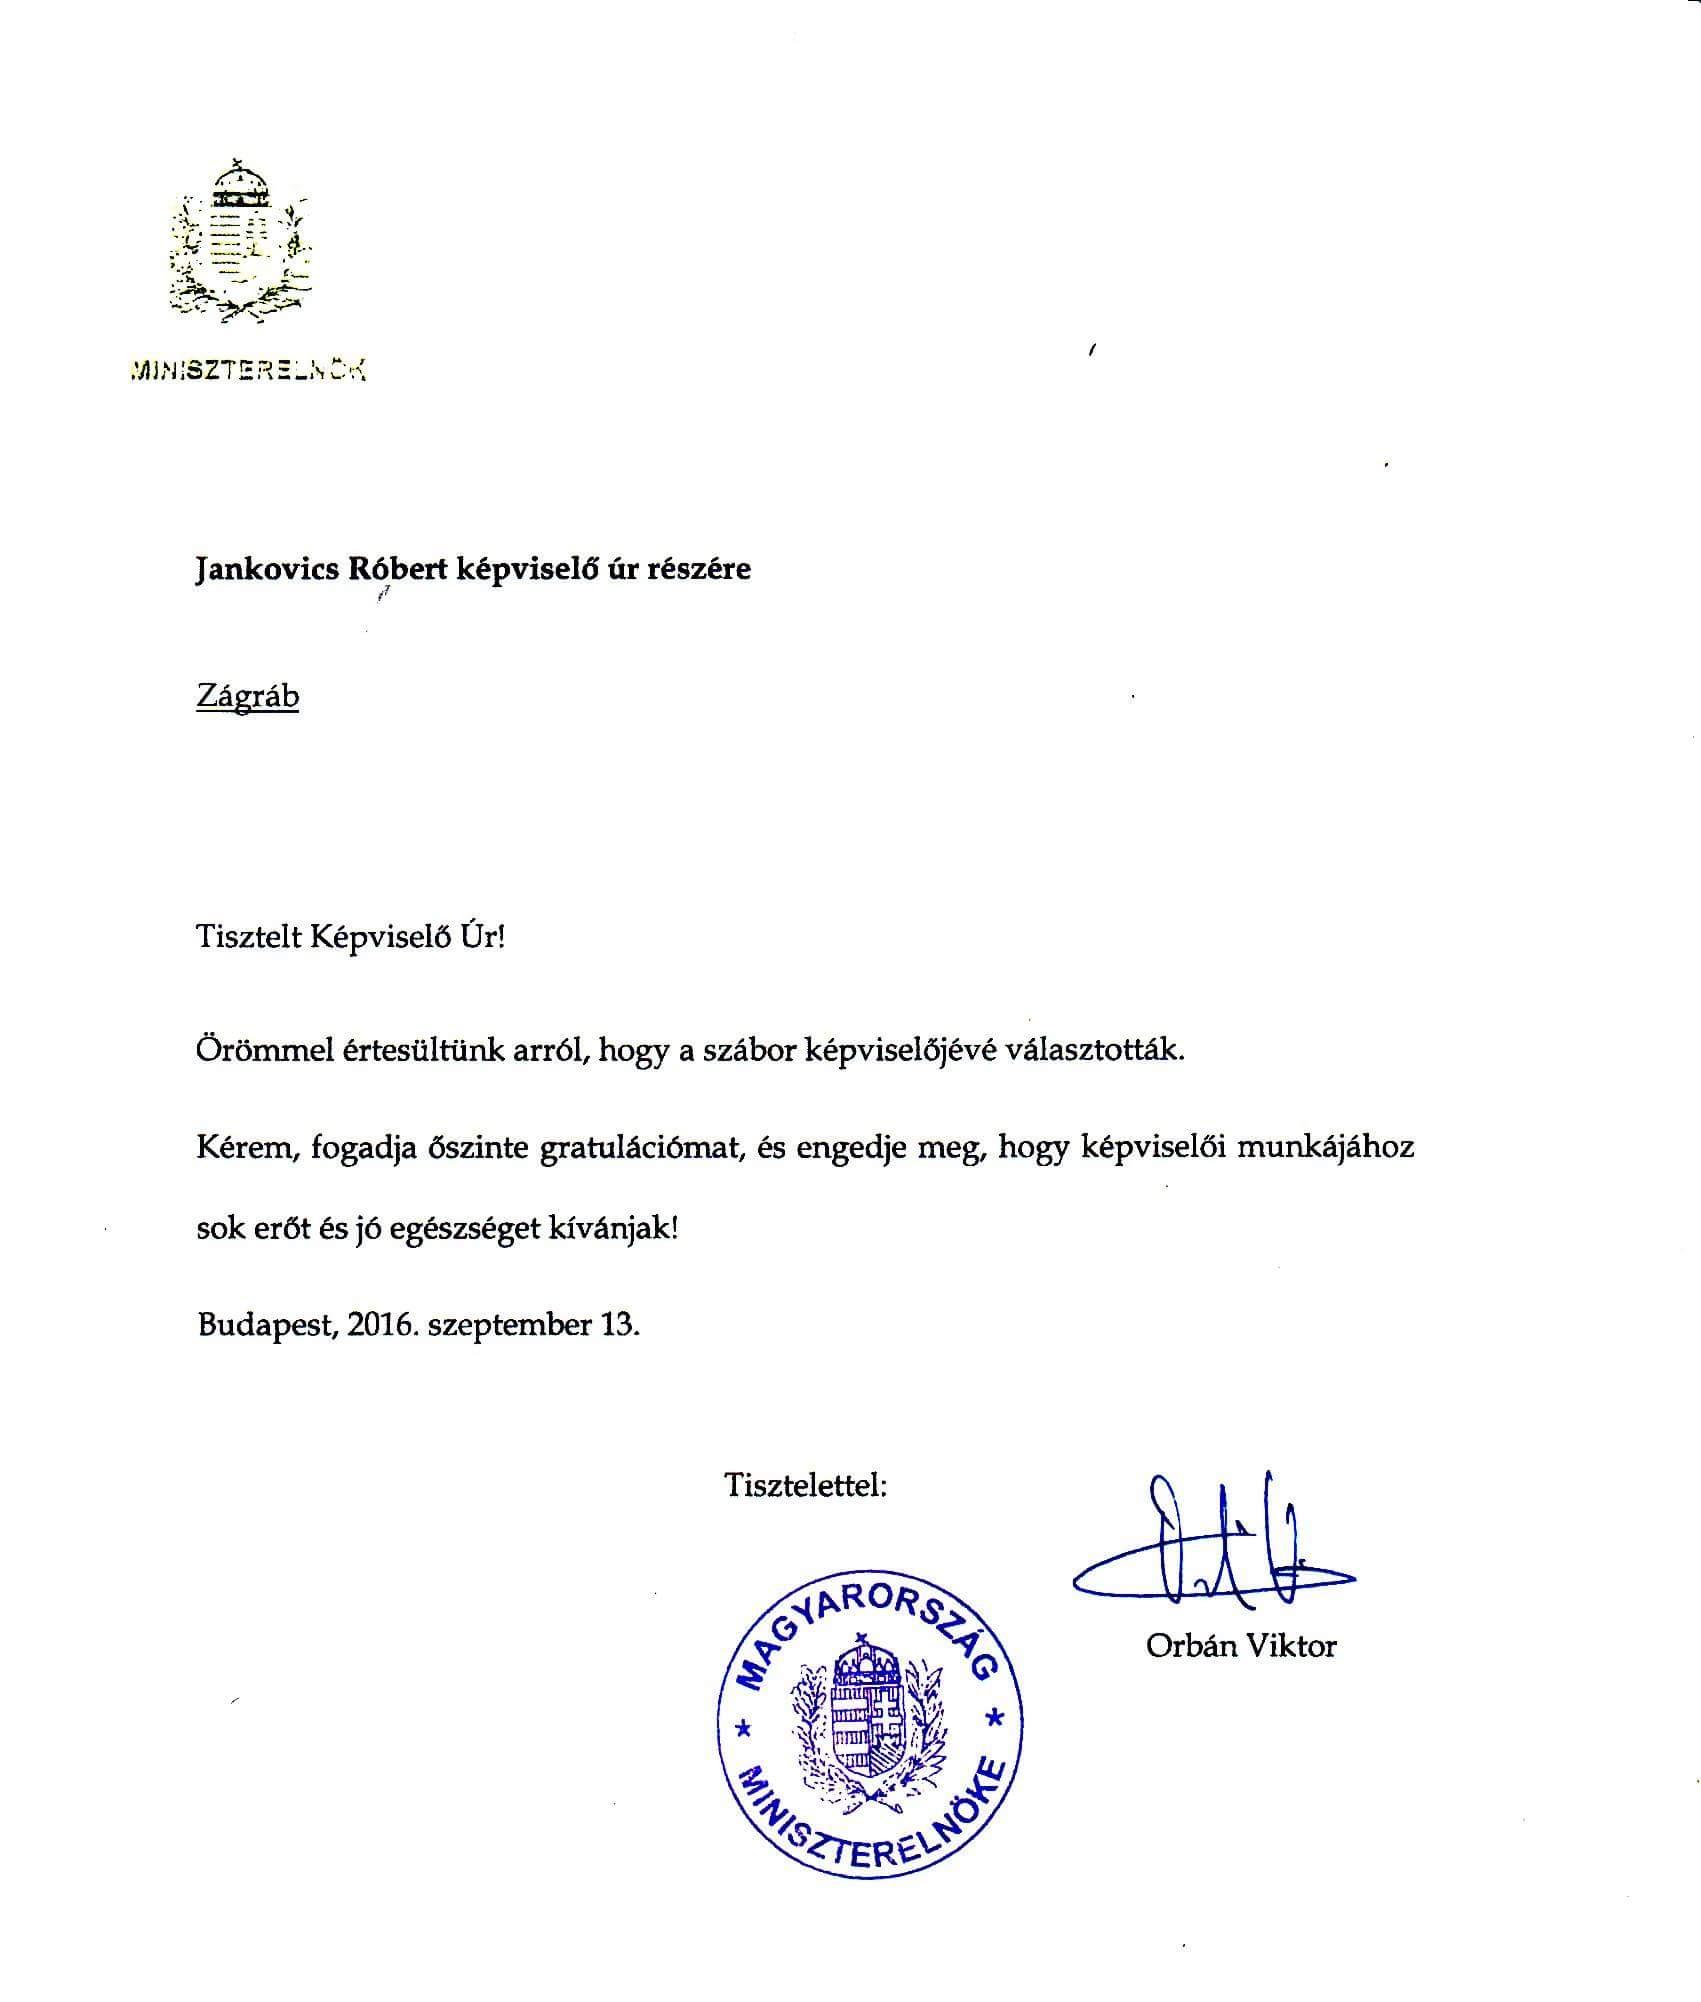 Službena čestitka koju je Orban poslao Jankovicsu nakon što je izabran u Sabor